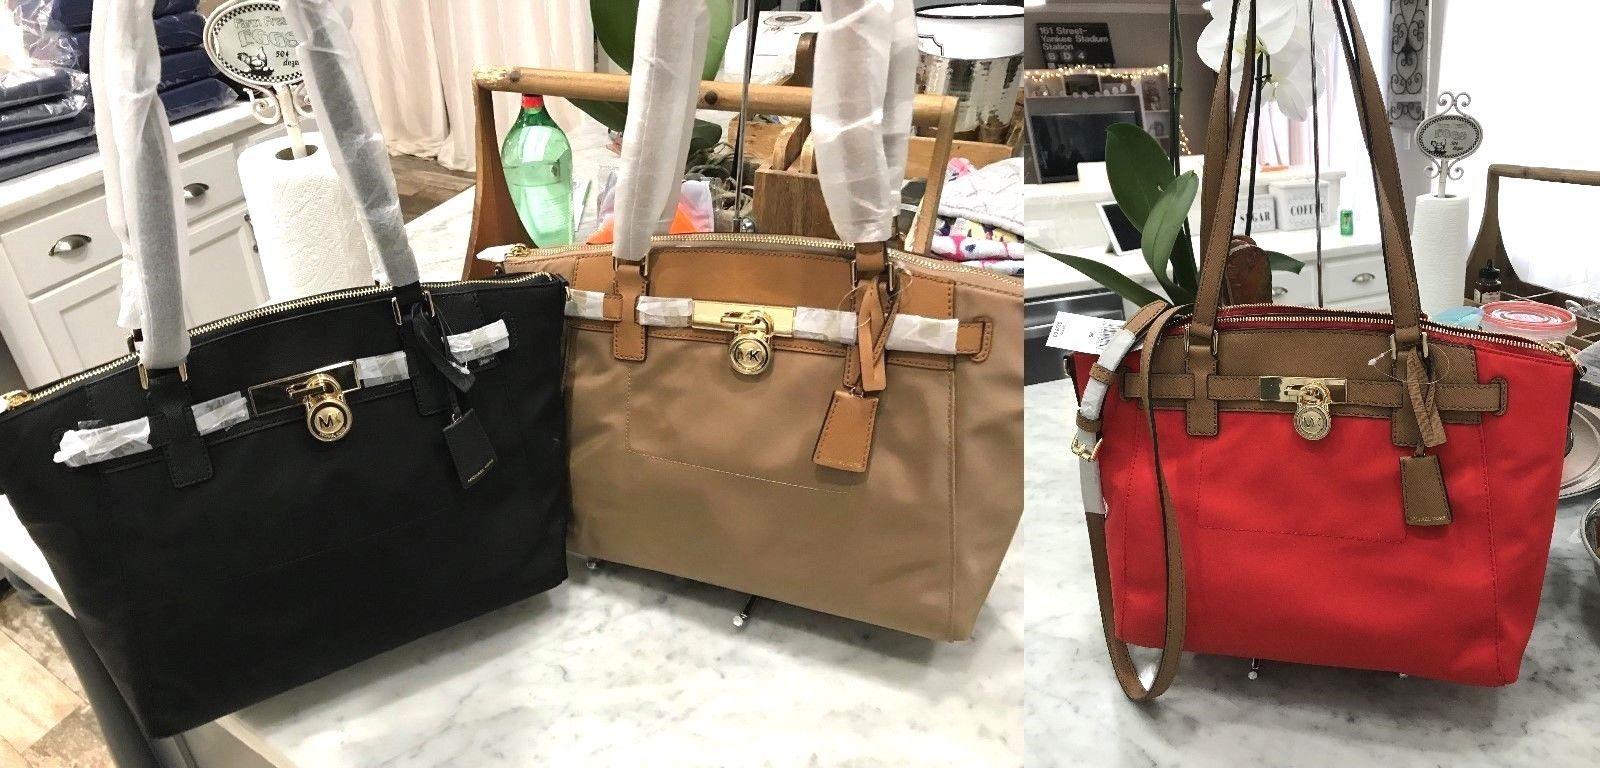 d7485220d0d6 S l1600. S l1600. Previous. Michael Kors Hamilton Traveler Large Nylon &  Leather Convertible Top Zip Satchel